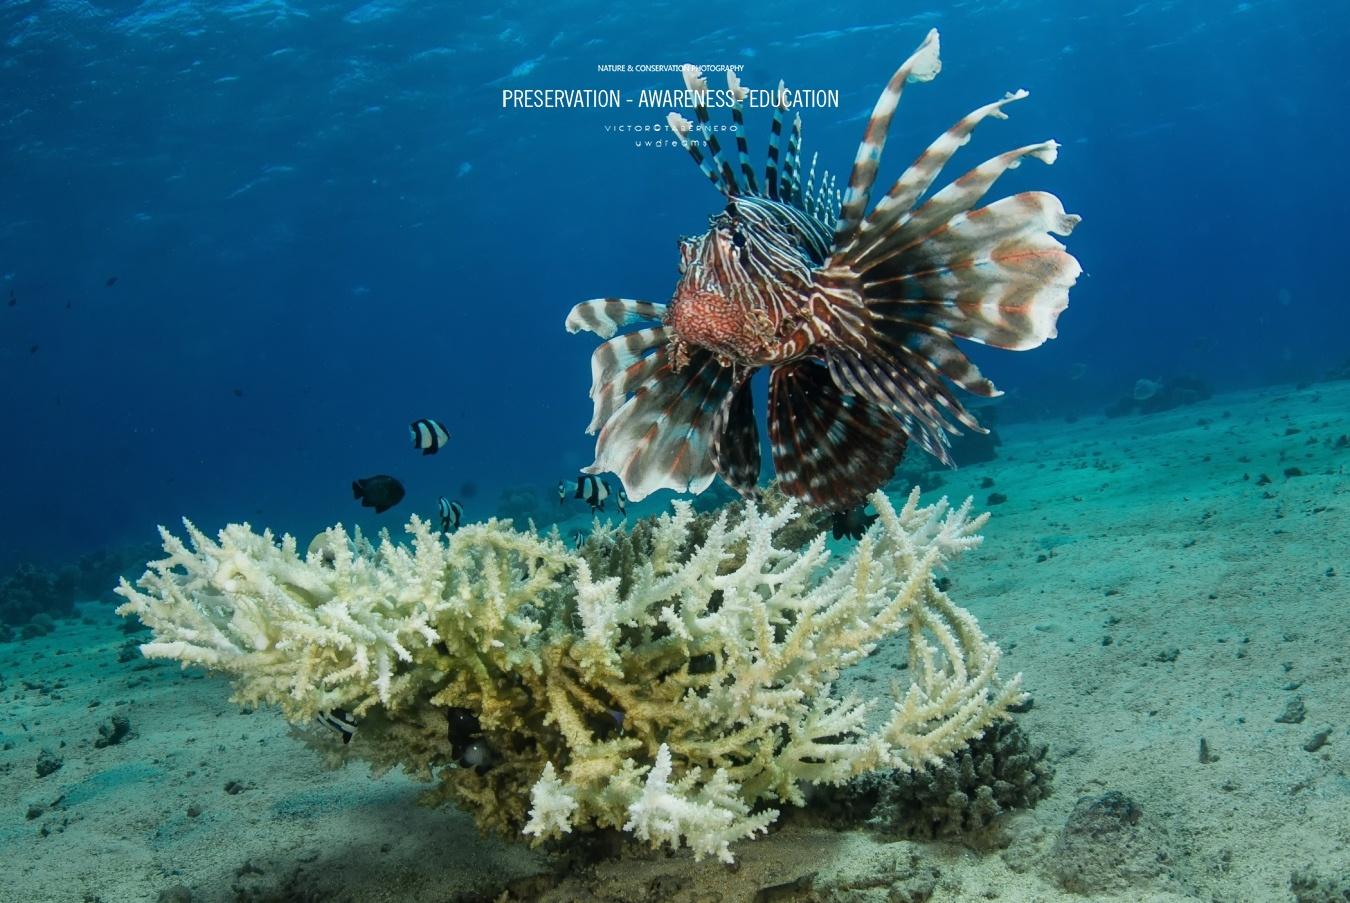 Vida en el océano - Wildlife Conservation Photography, UWDREAMS.COM